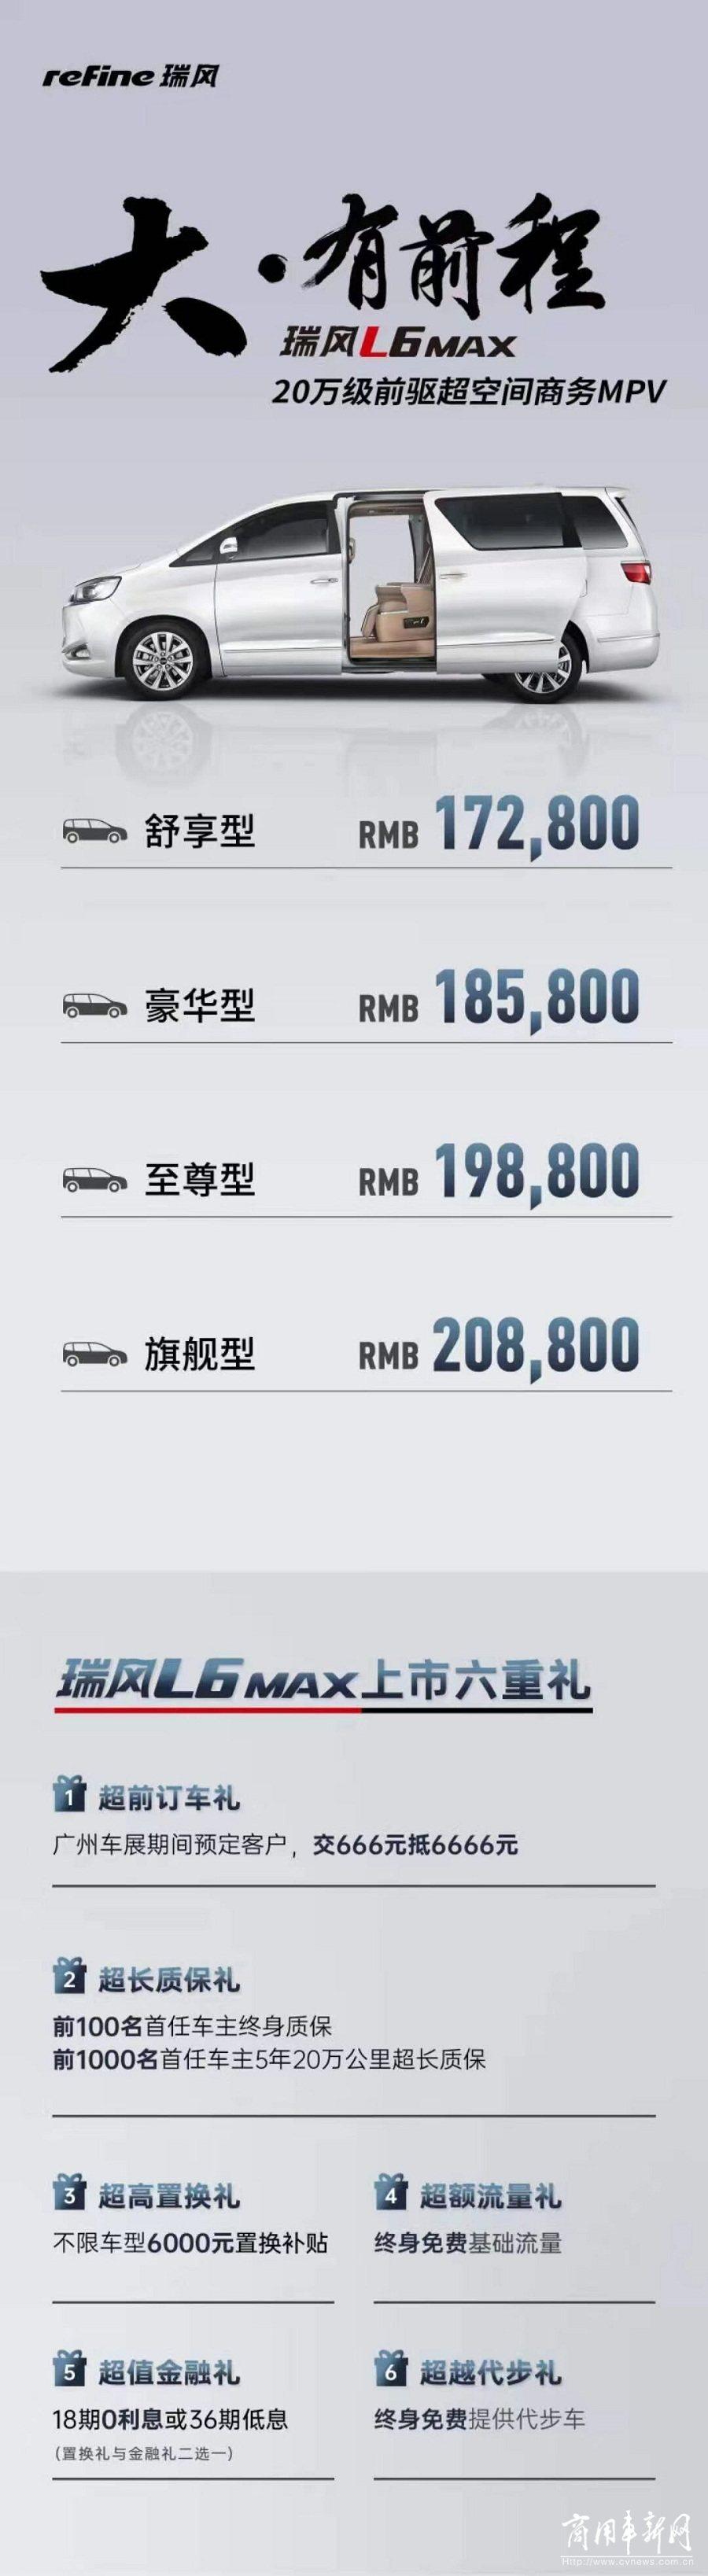 广州车展|17.28万起!前驱高端商务MPV瑞风L6 MAX来了